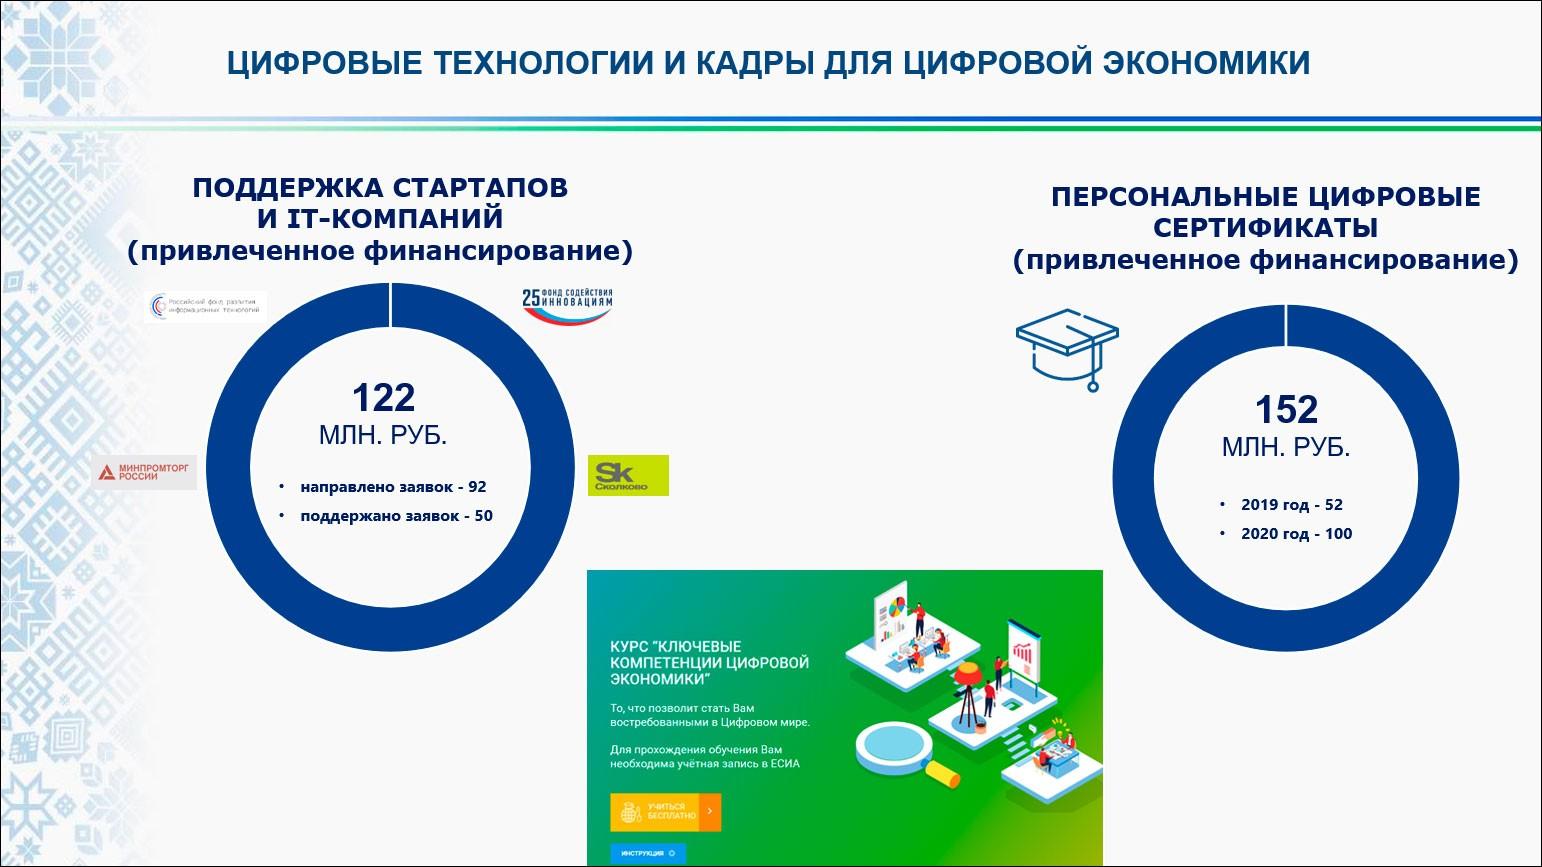 Подведены итоги деятельности в сфере информационных систем и технологий Башкортостана в 2020 году